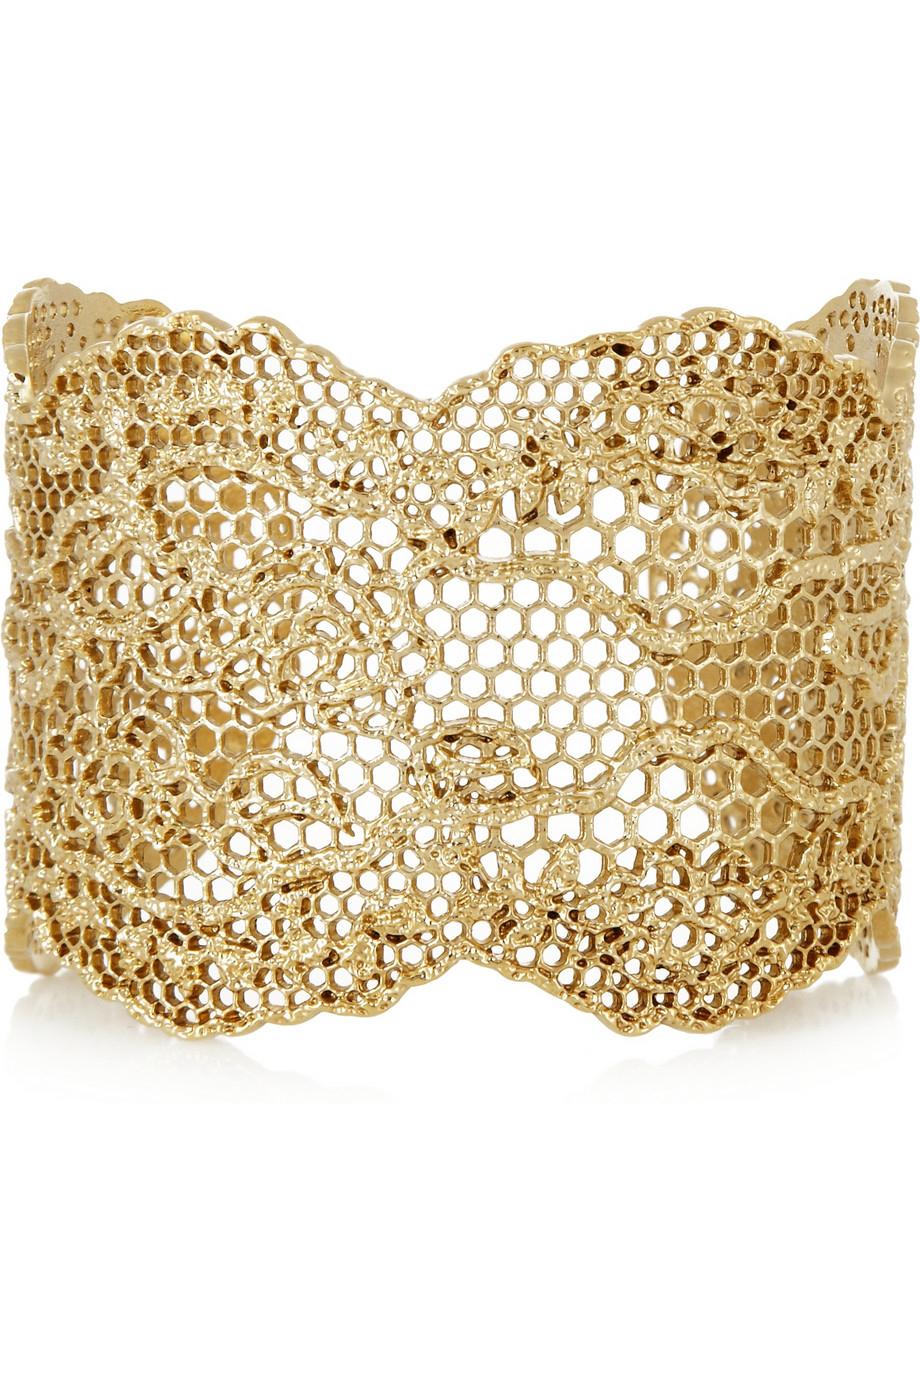 Vintage Lace Bracelet in 18K Gold-Plated Brass Aur BWV1Uz